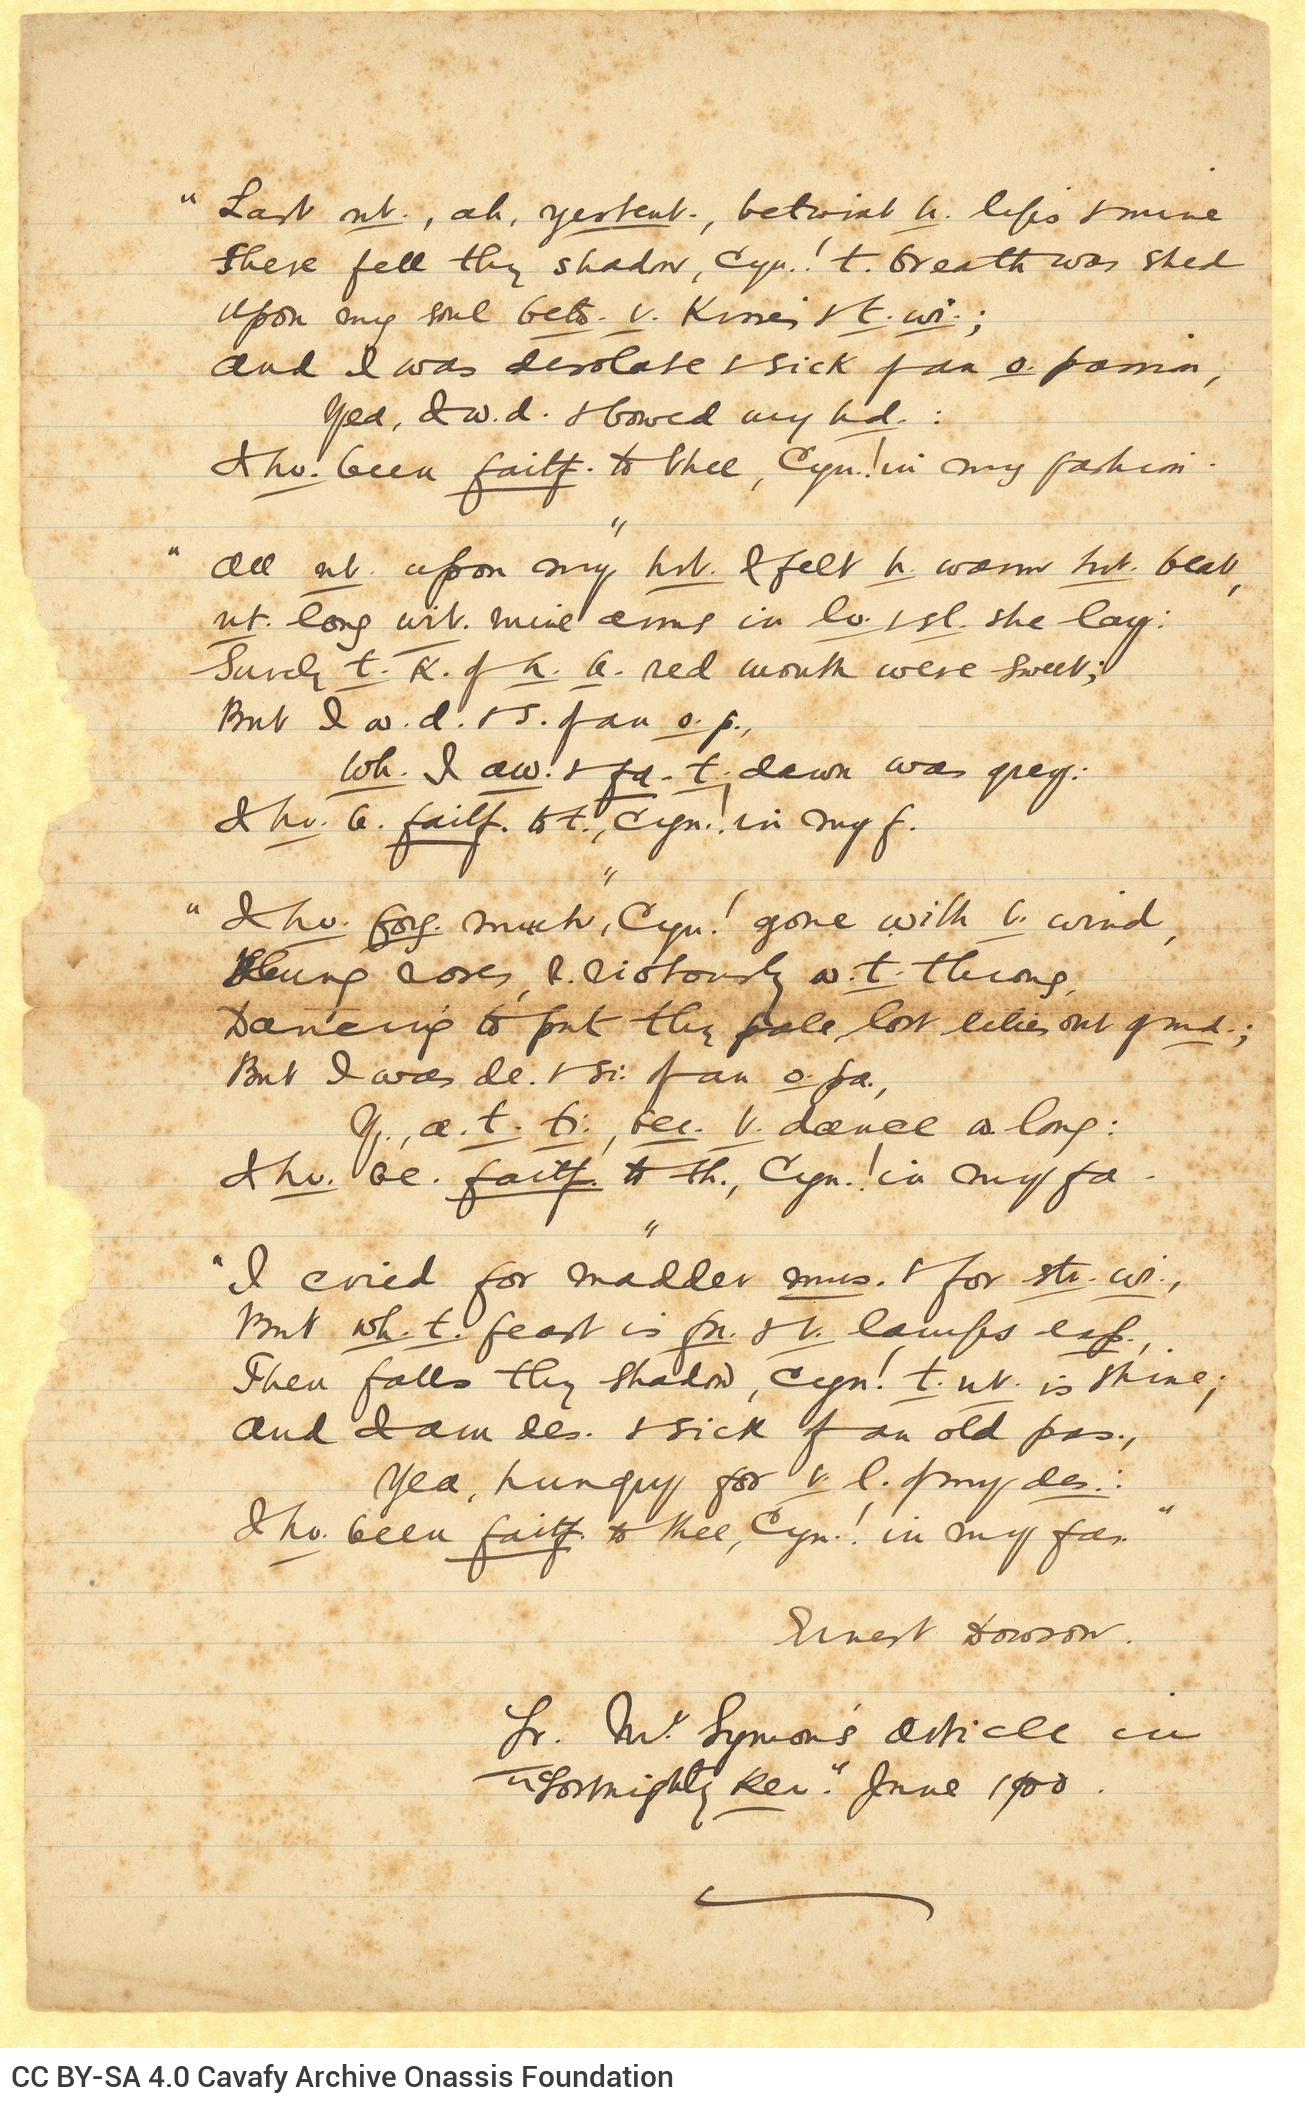 Βραχυγραφημένο, χειρόγραφο αντίγραφο του ποιήματος «Cynara» του Έρνε